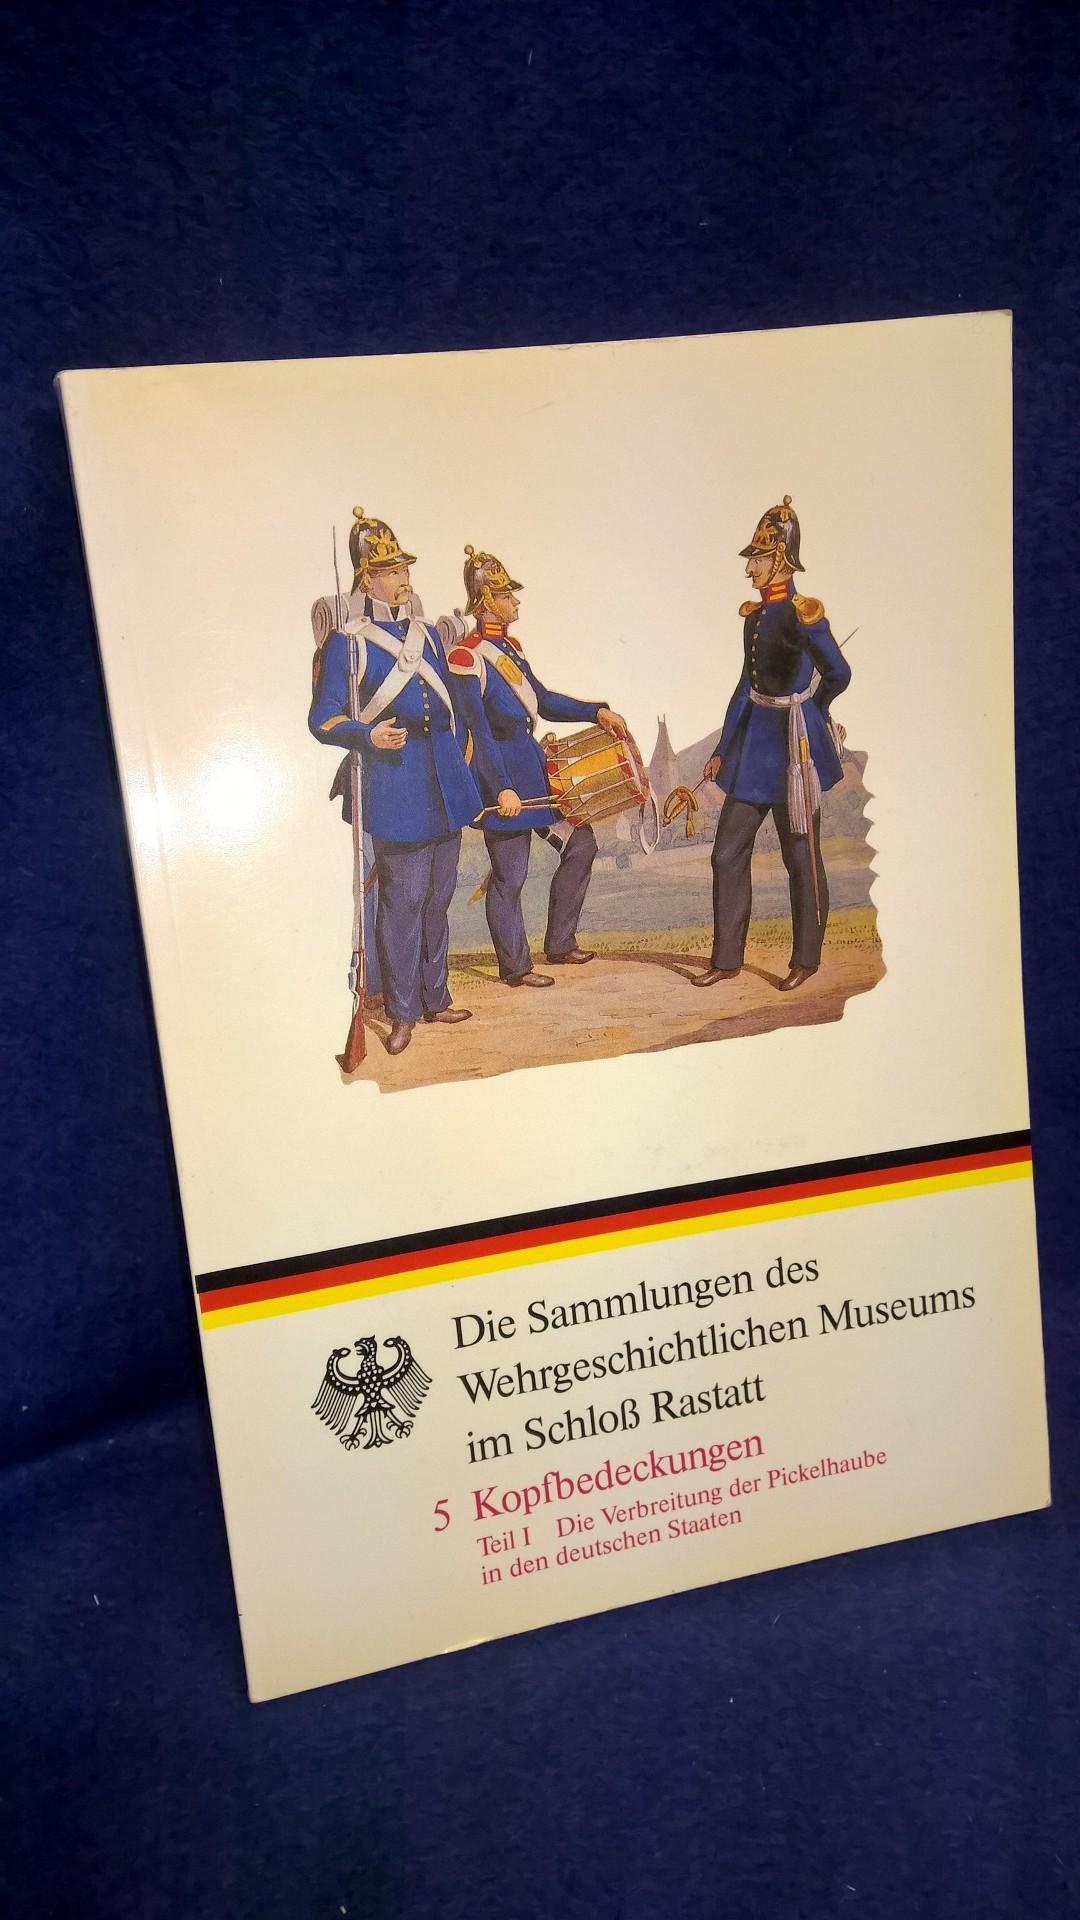 Kopfbedeckungen, Teil I: Die Verbreitung der Pickelhaube in den deutschen Staaten. Die Sammlungen des Wehrgeschichtlichen Museums im Schloß Rastatt.